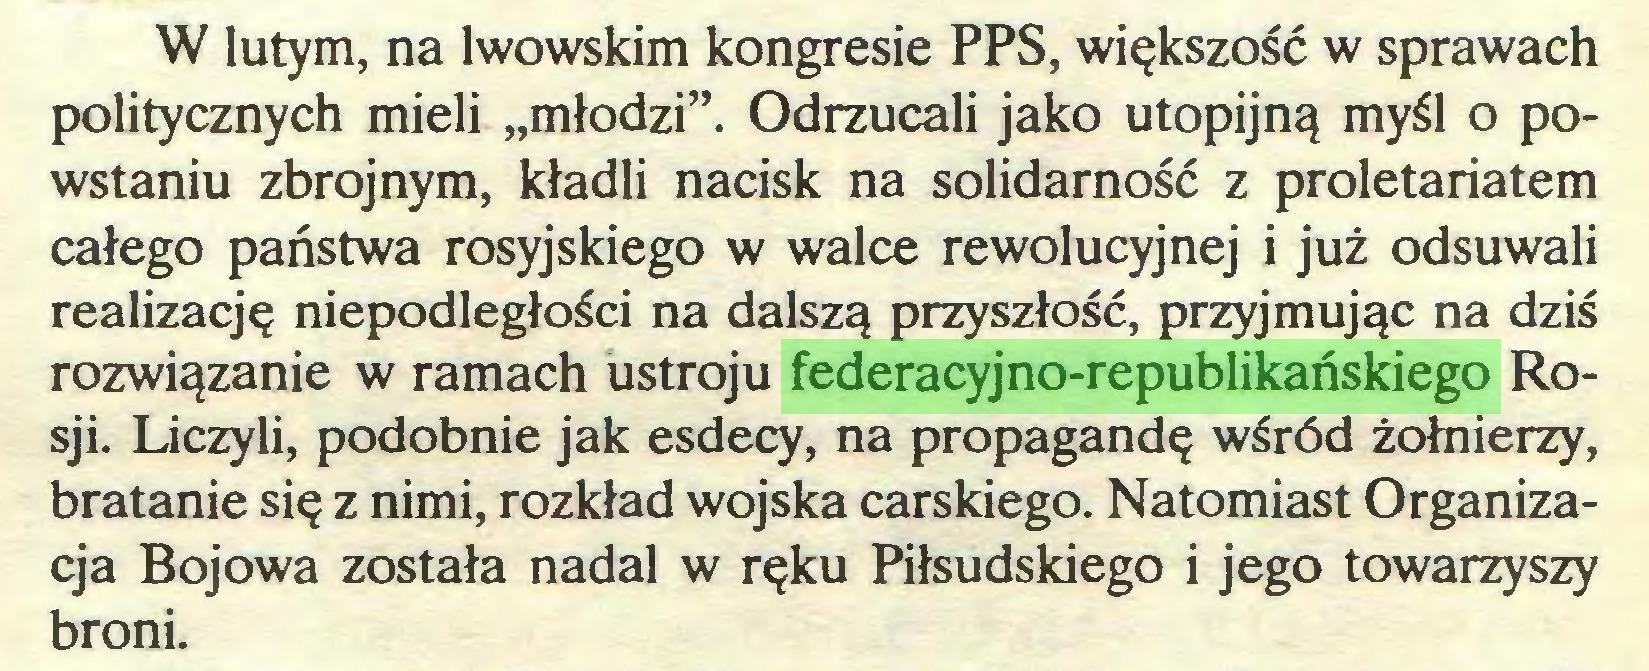 """(...) W lutym, na lwowskim kongresie PPS, większość w sprawach politycznych mieli """"młodzi"""". Odrzucali jako utopijną myśl o powstaniu zbrojnym, kładli nacisk na solidarność z proletariatem całego państwa rosyjskiego w walce rewolucyjnej i już odsuwali realizację niepodległości na dalszą przyszłość, przyjmując na dziś rozwiązanie w ramach ustroju federacyjno-republikańskiego Rosji. Liczyli, podobnie jak esdecy, na propagandę wśród żołnierzy, bratanie się z nimi, rozkład wojska carskiego. Natomiast Organizacja Bojowa została nadal w ręku Piłsudskiego i jego towarzyszy broni..."""